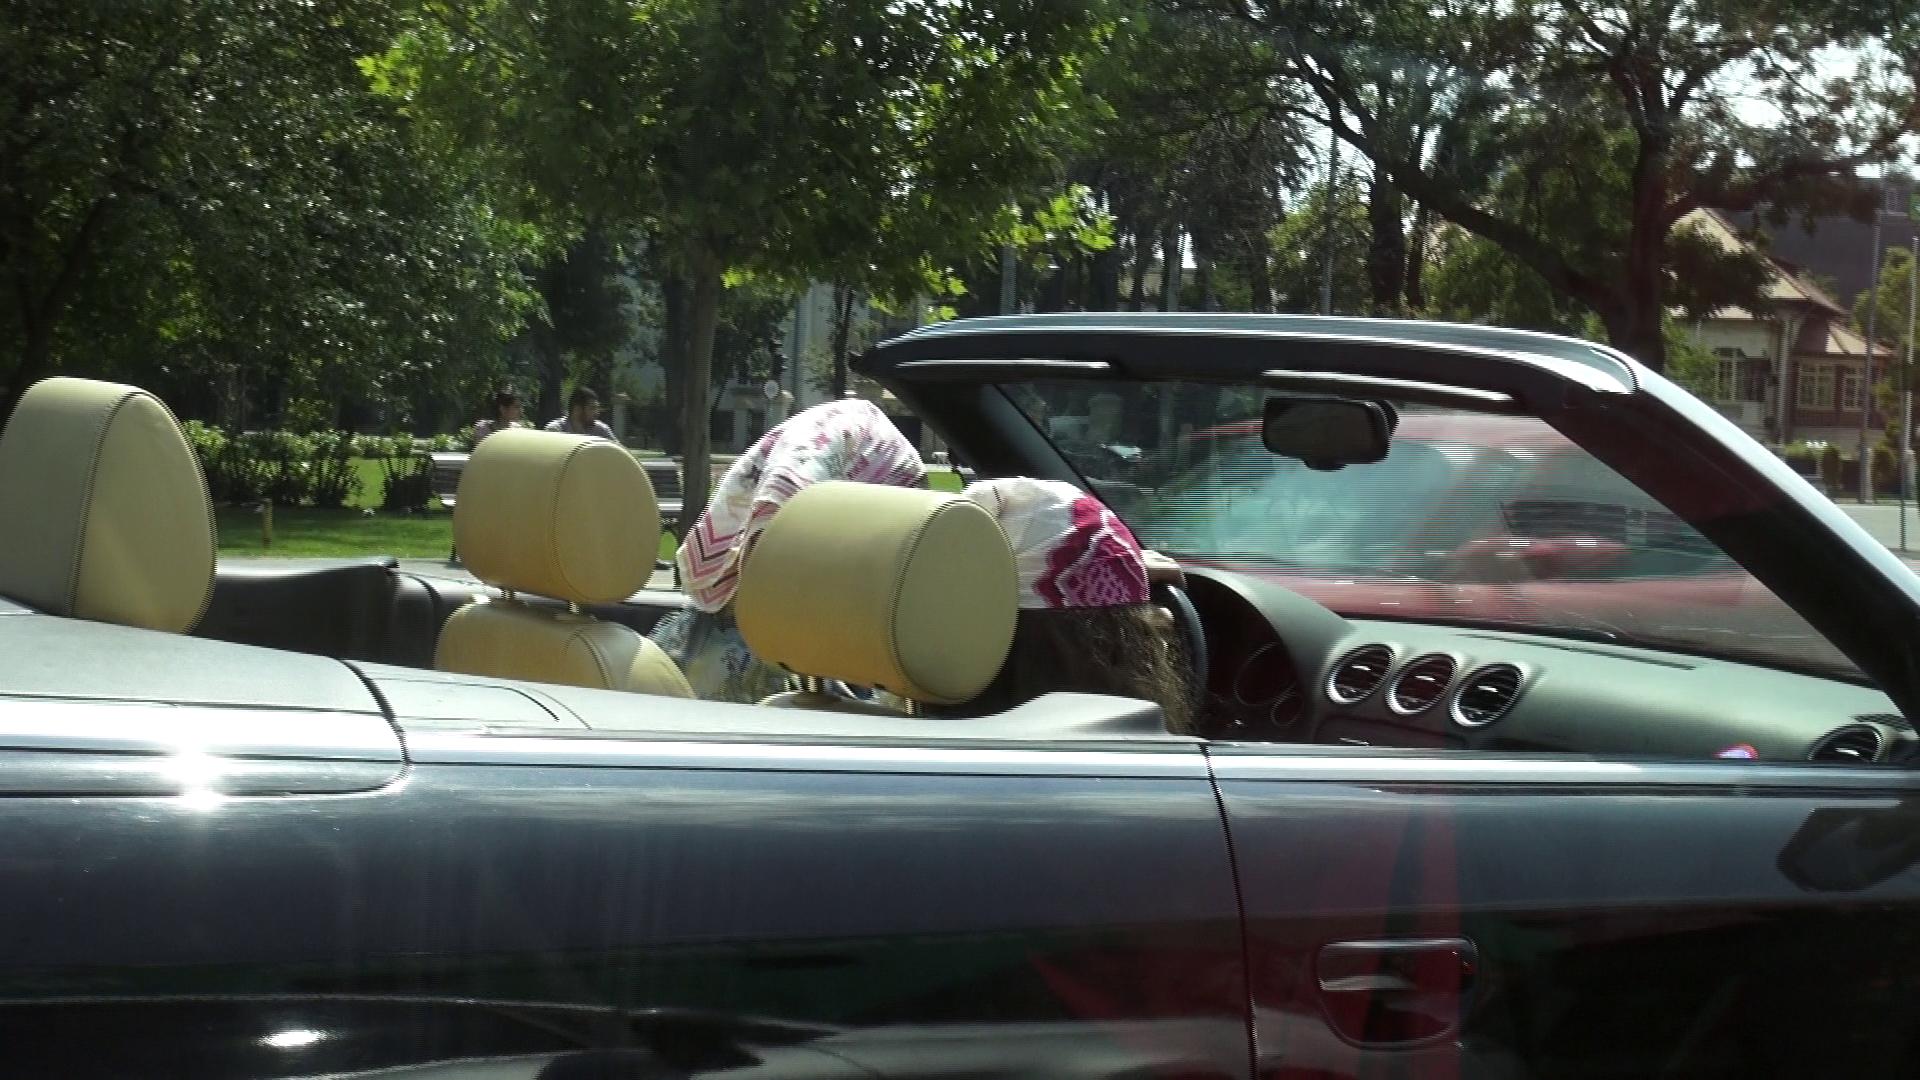 In momentul in care s-a urcat in masina, fiica cea mica i-a urmat exemplul si si-a acoperit capul